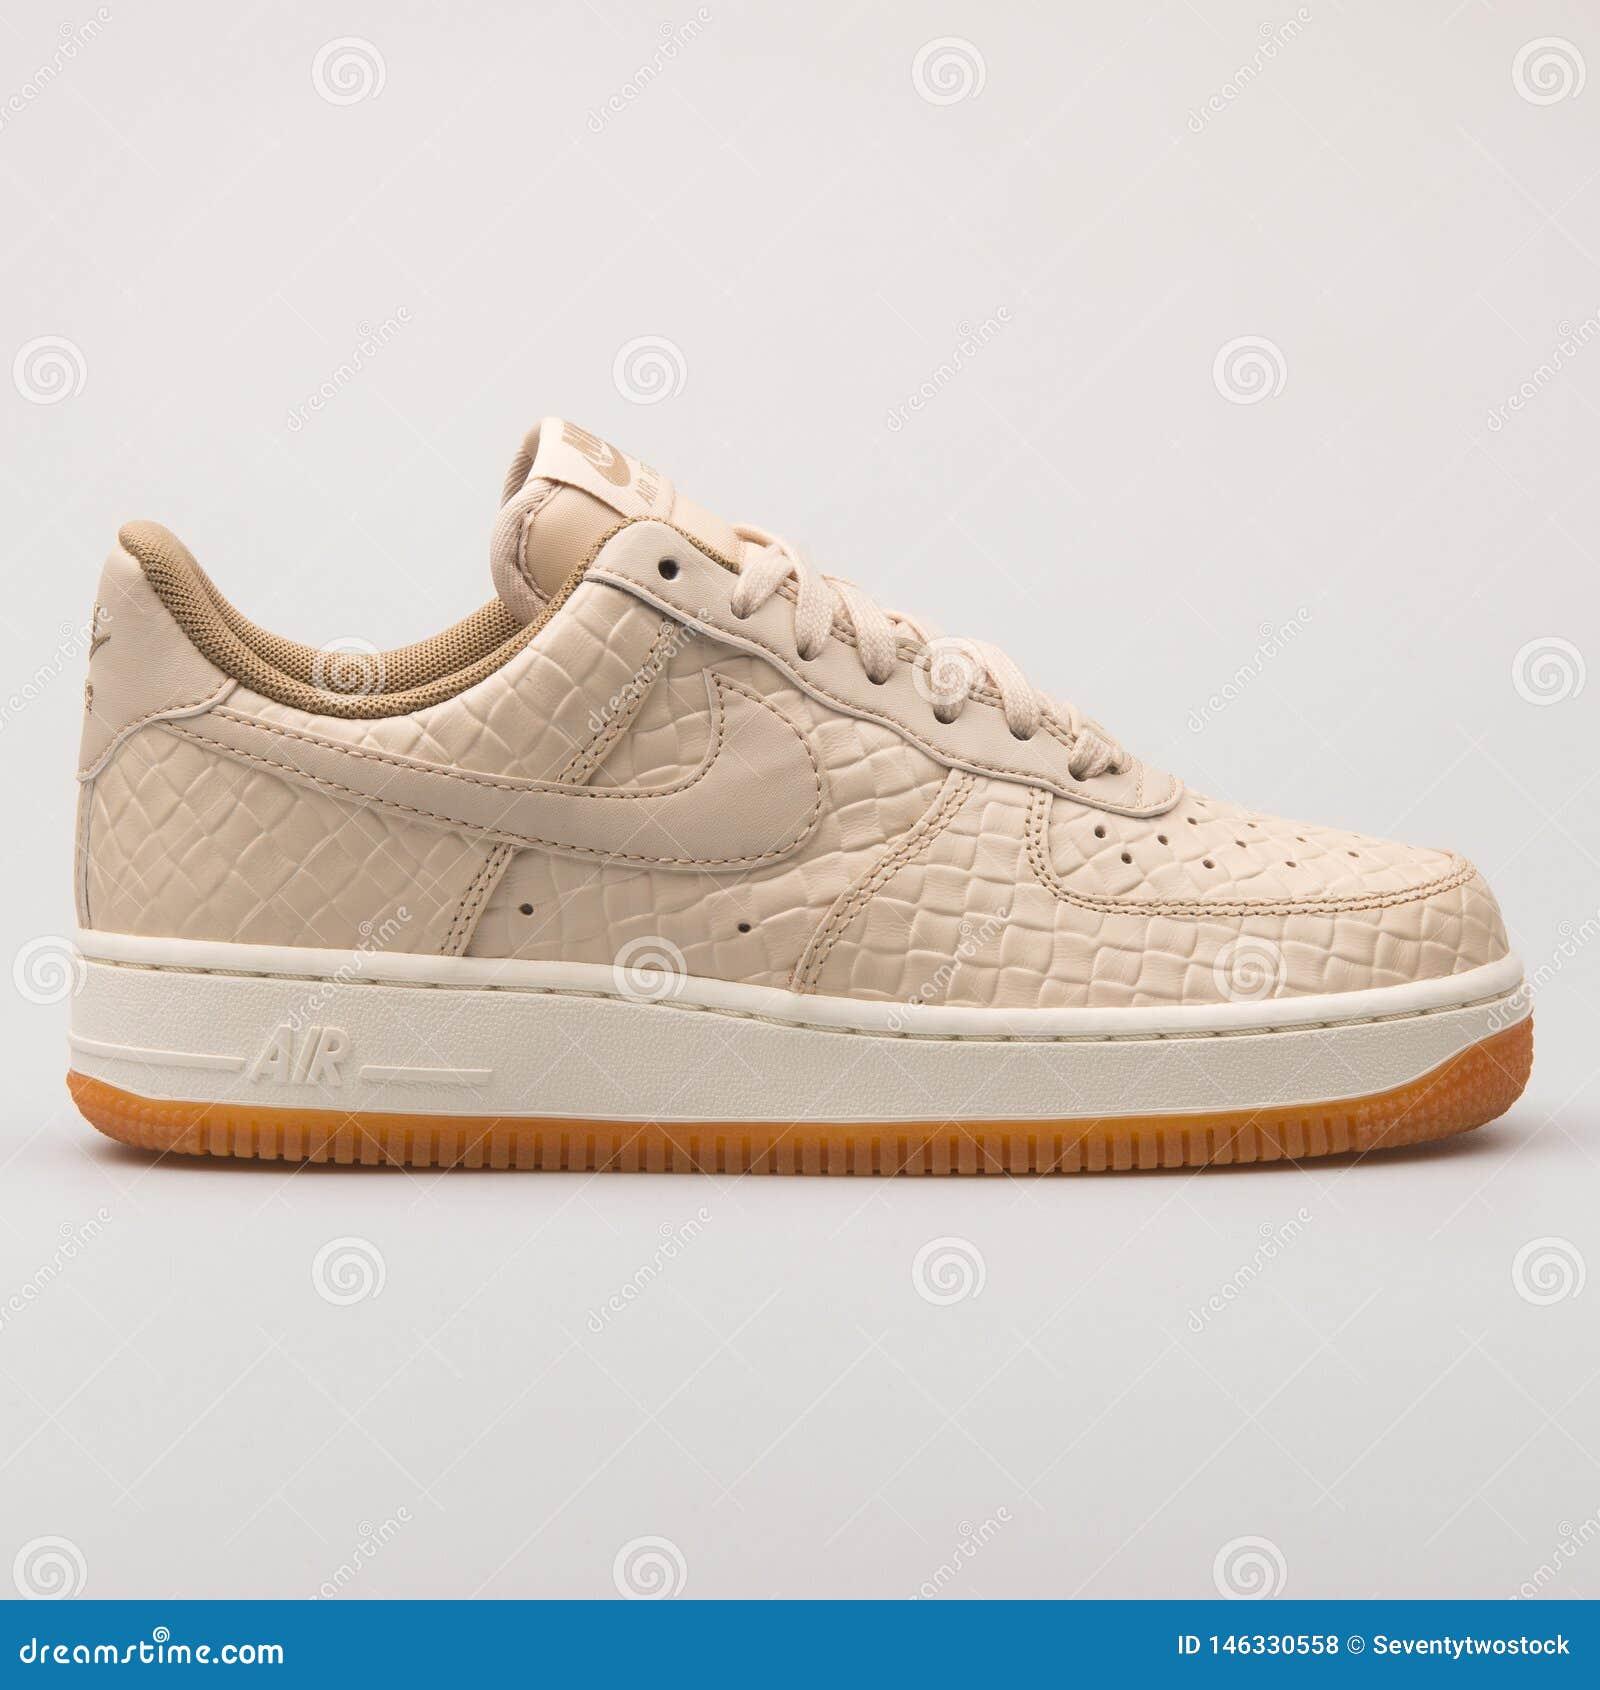 Nike Air Force 1 Espadrille 07 Kaki De La Meilleure Qualité